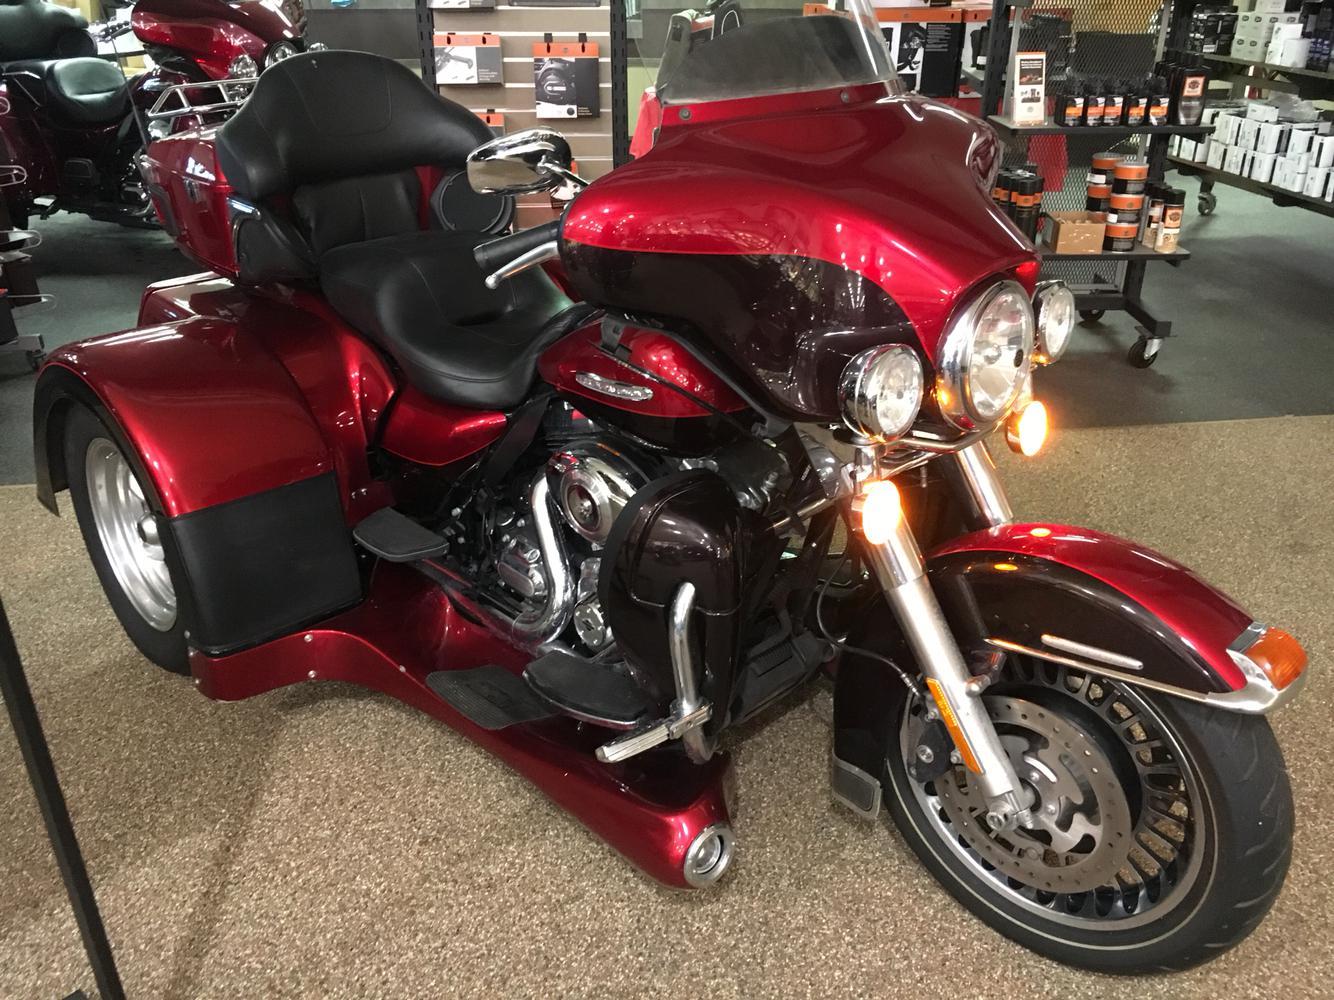 2012 Harley-Davidson® FLHTK Electra Glide® Ultra Limited - with MOTOR TRIKE  KIT